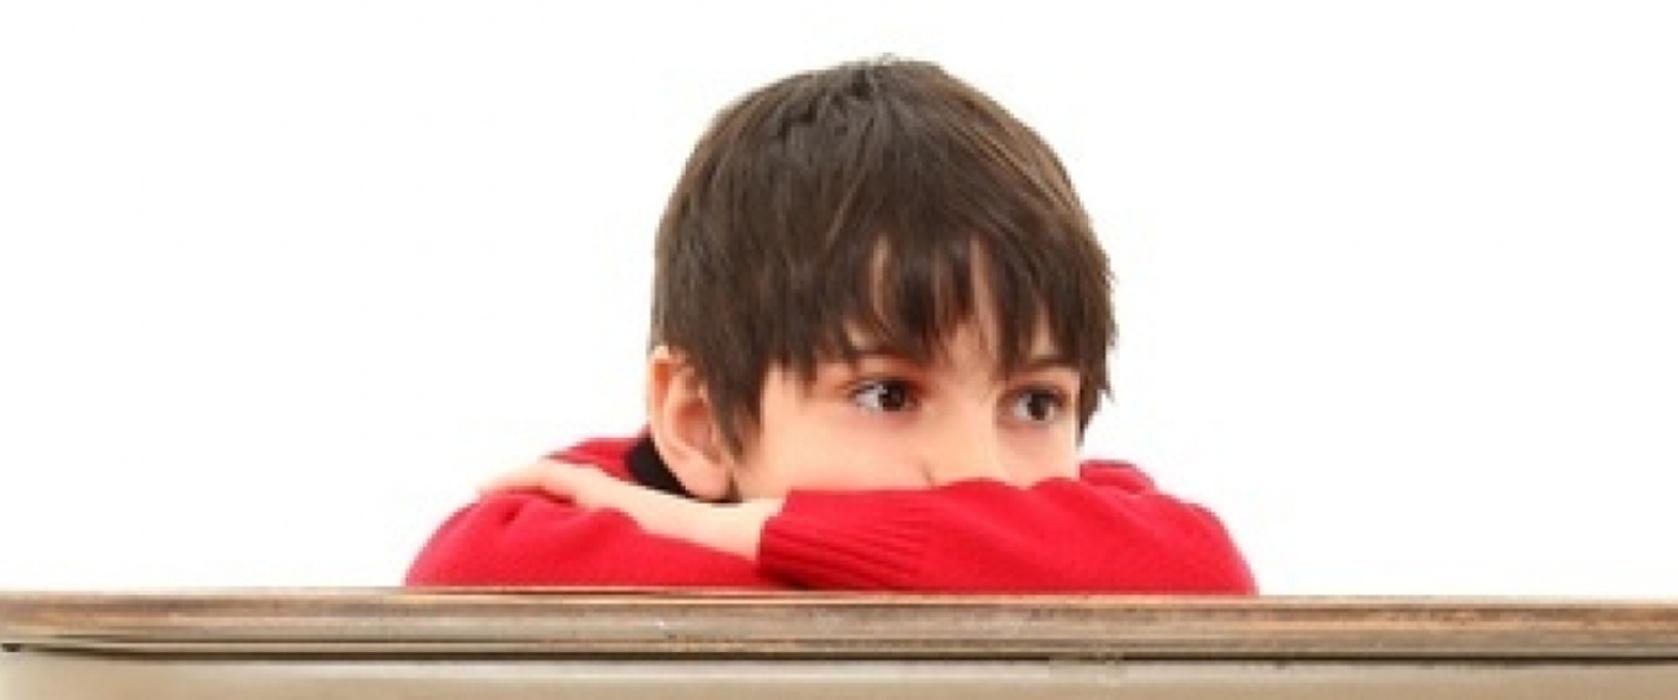 MinicursoTDAH: Potenciar la autoestima y la comunicación con el afectado